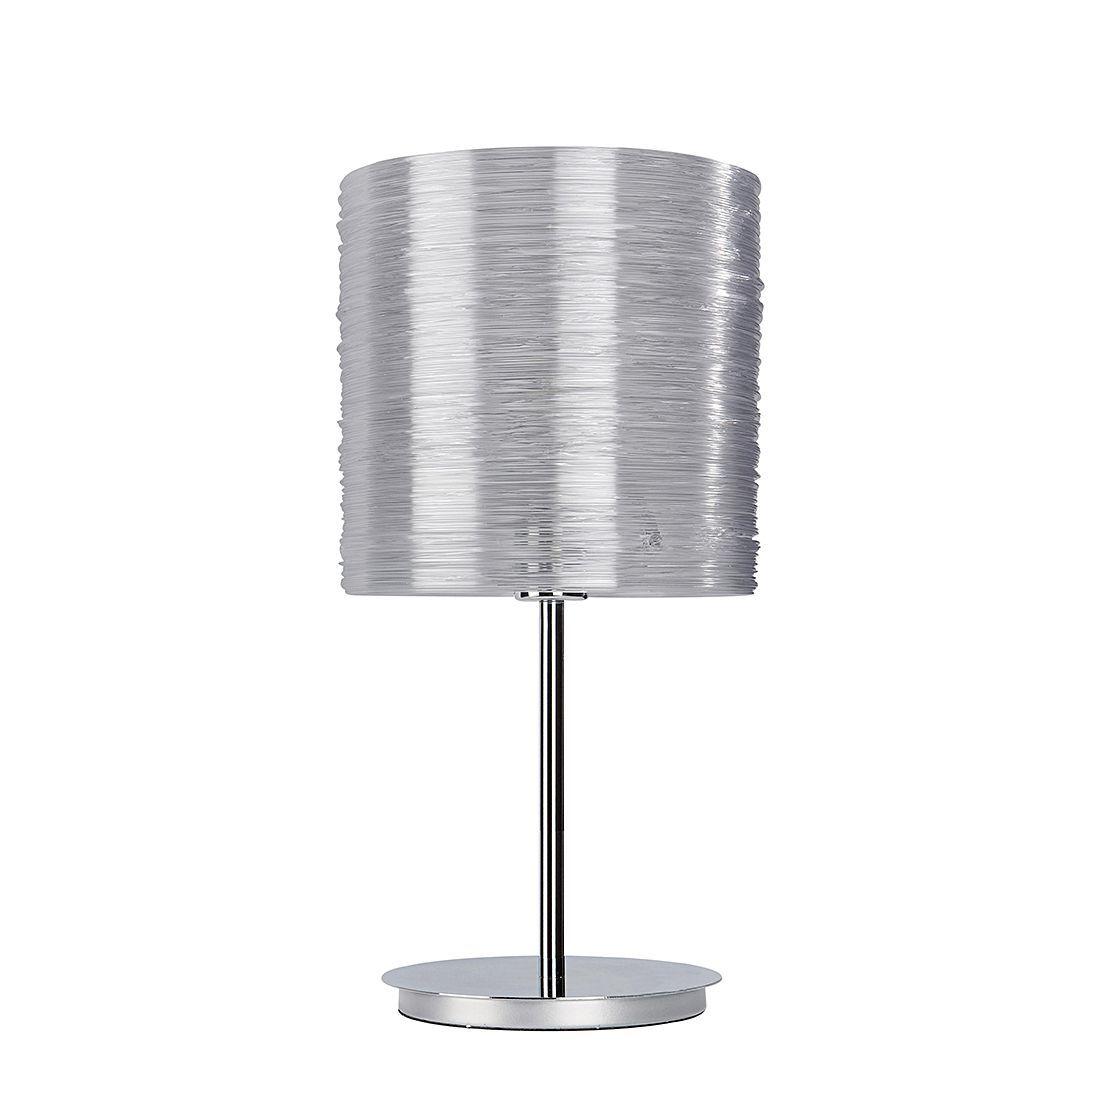 Tischleuchte Bright kaufen | home24 | Tischleuchte, Lampe